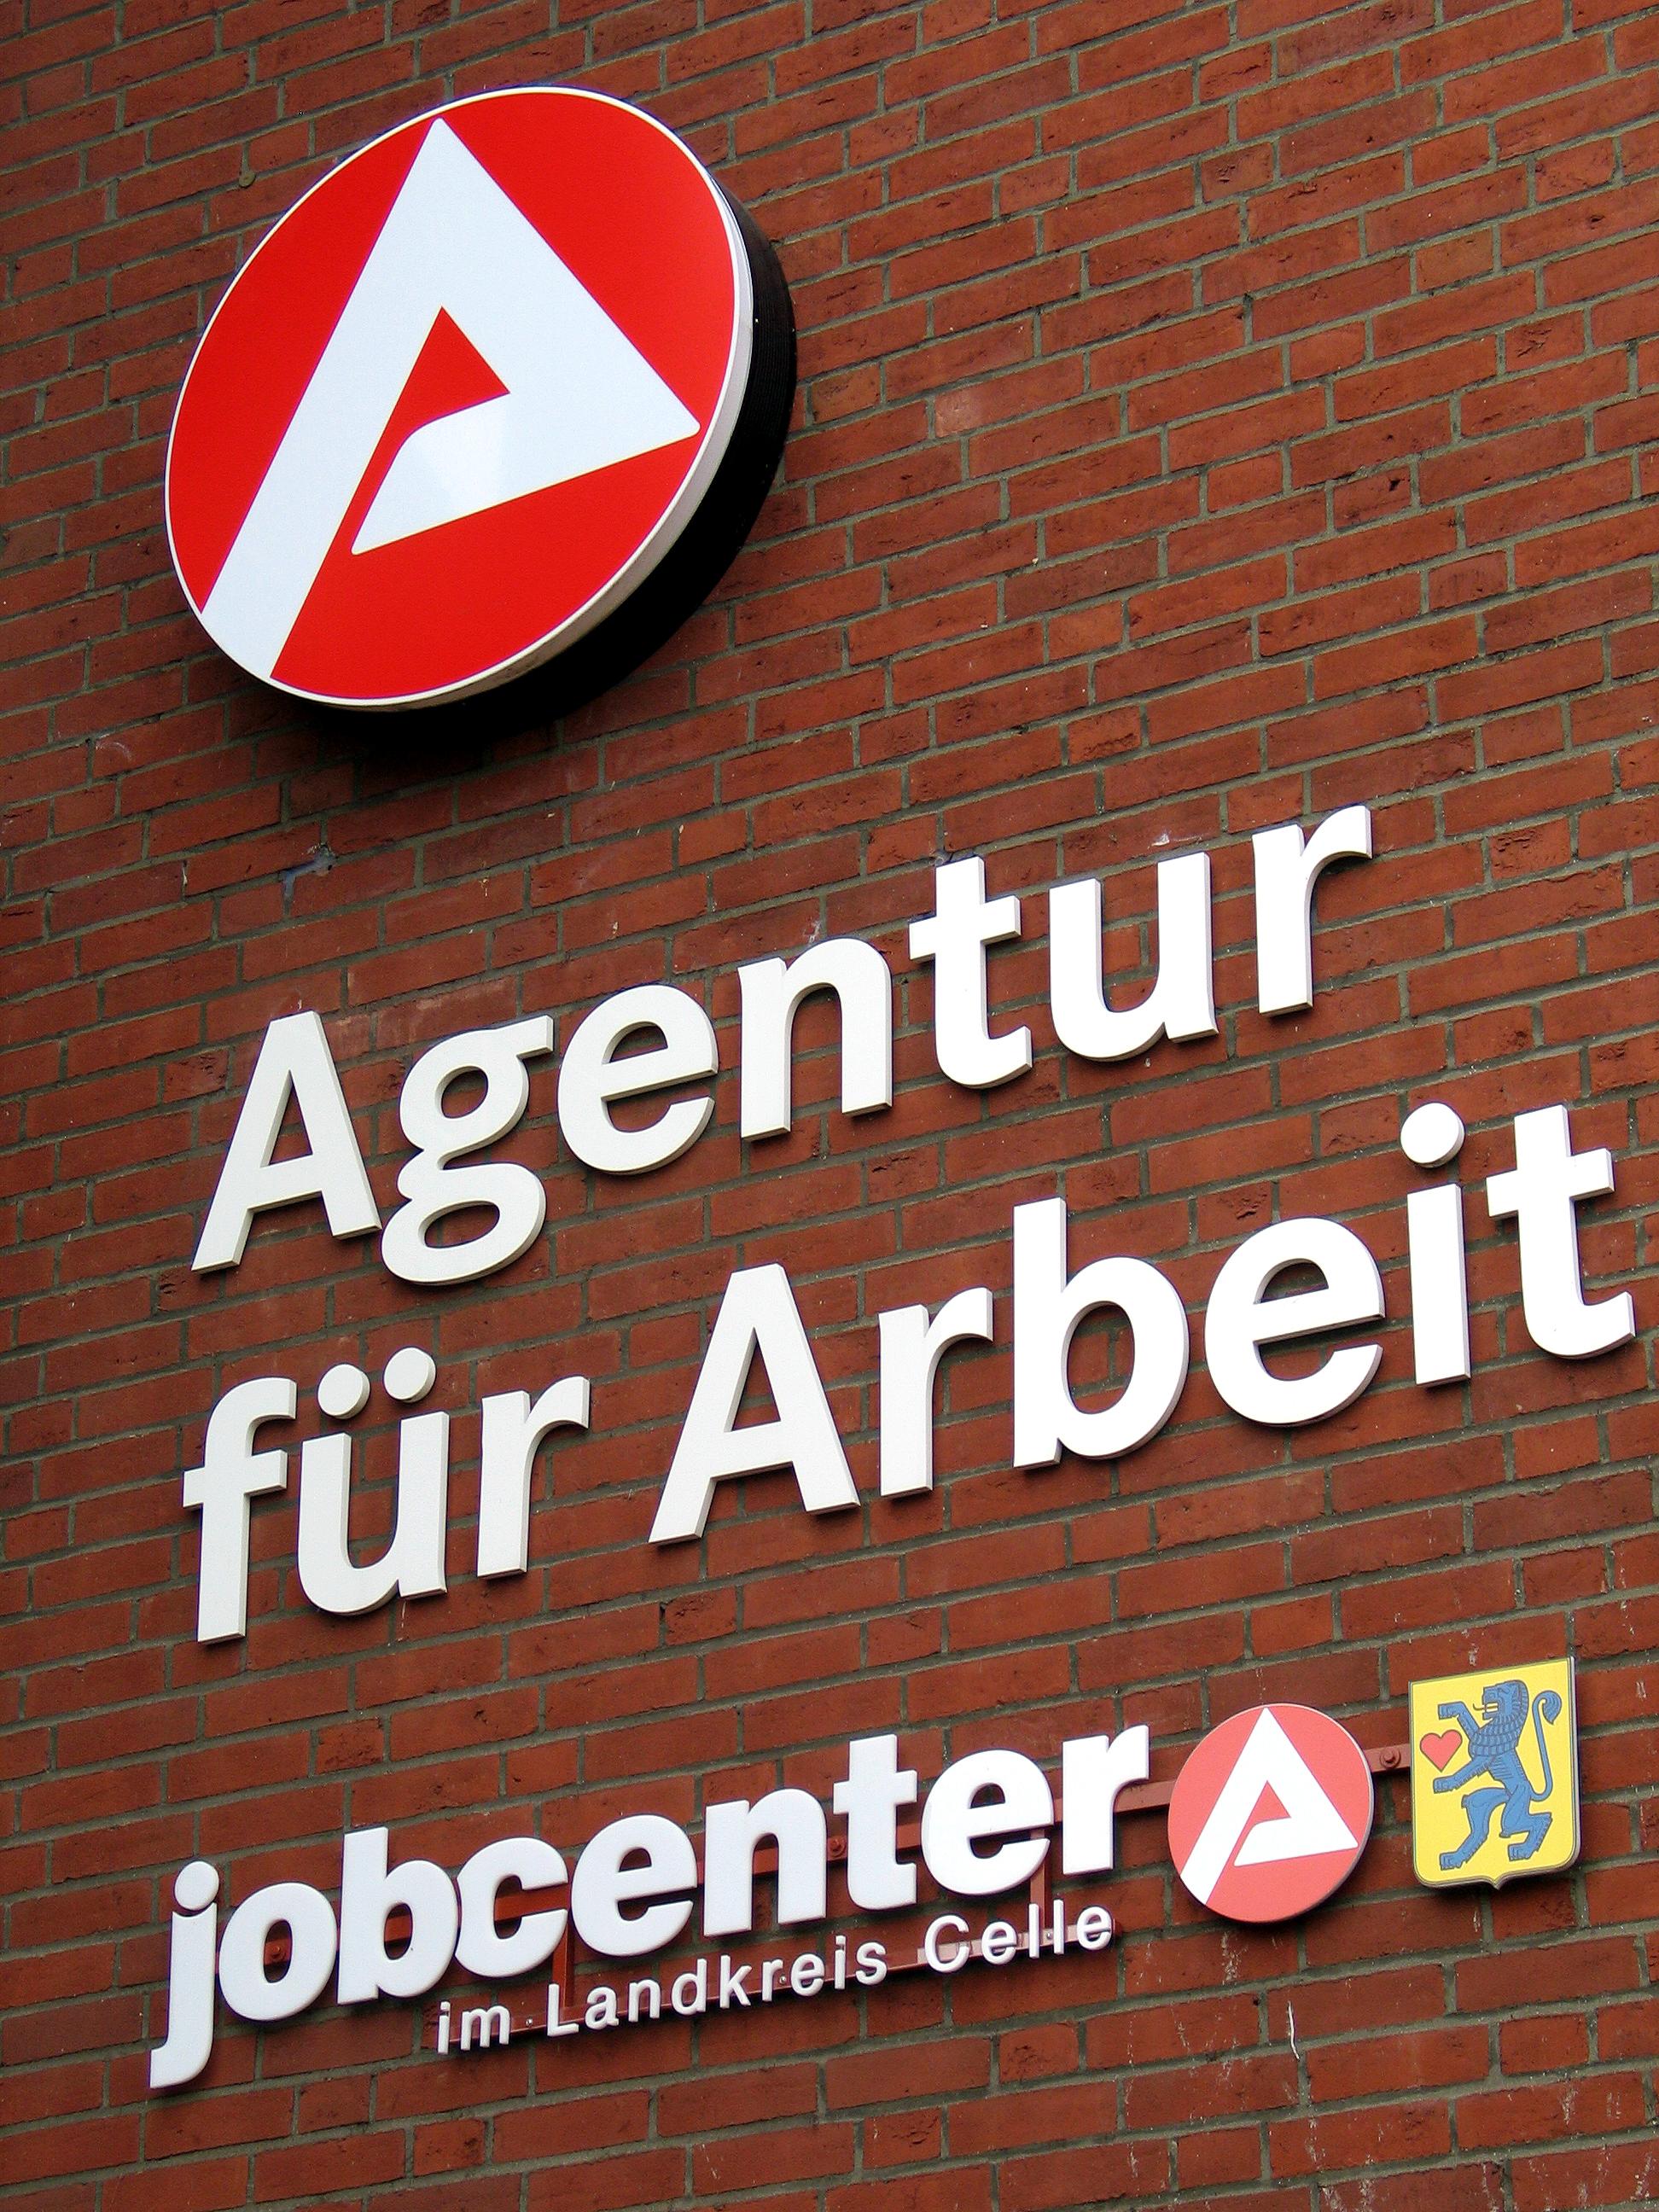 Agentur für Arbeit jobcenter im Landkreis Celle Logos und Embleme am Gebäude Georg Wilhelm Straße 14 in Celle